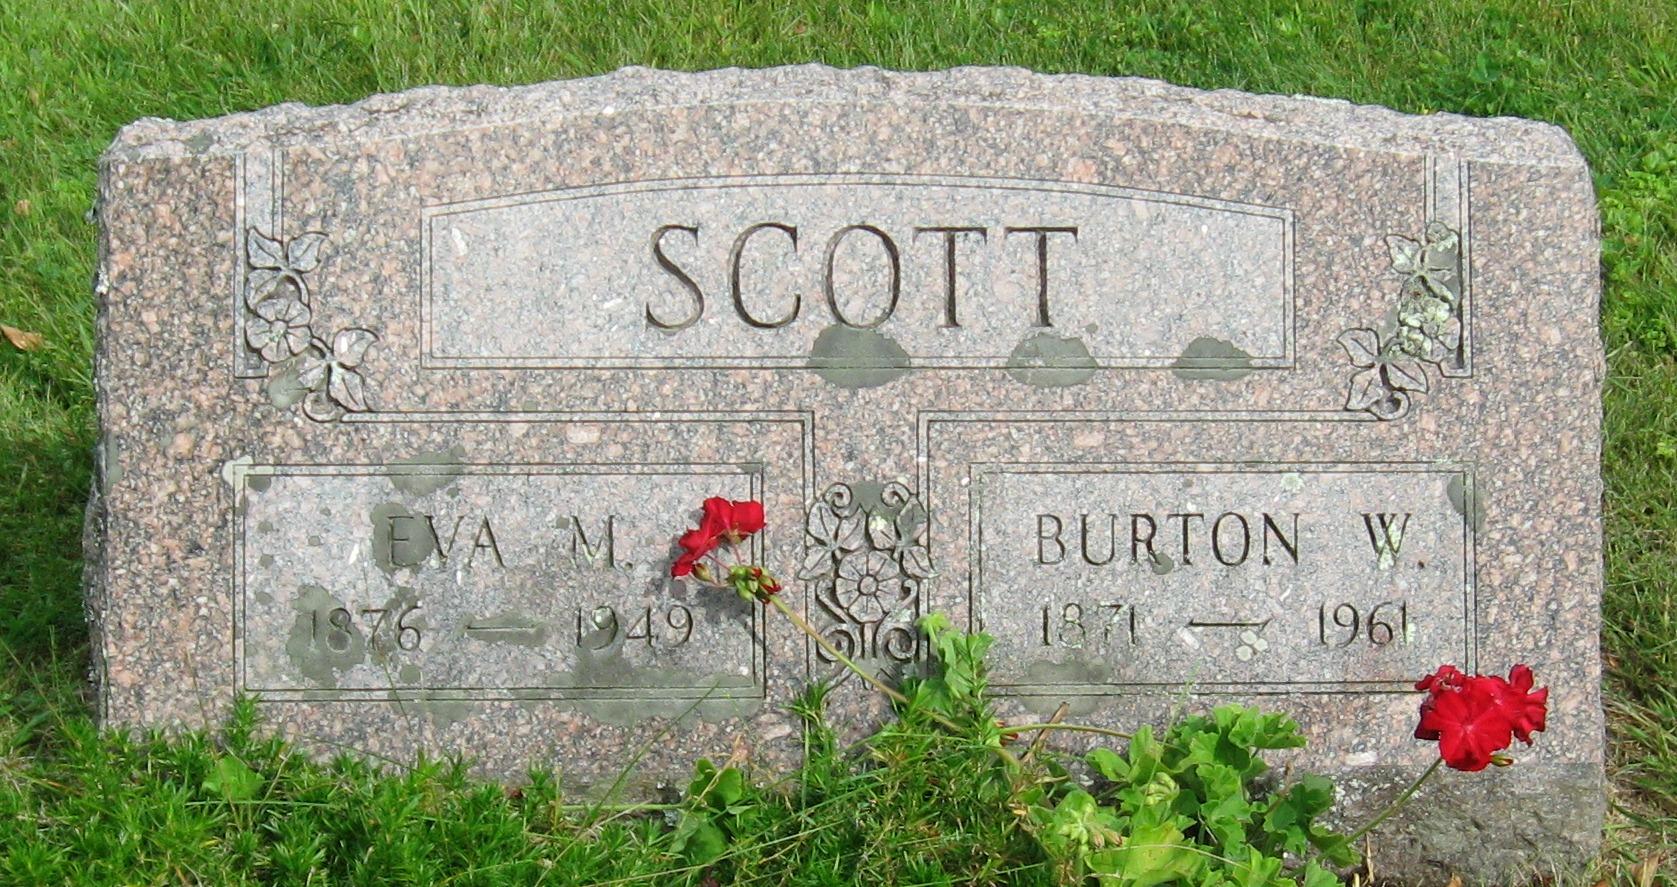 Eva M Scott